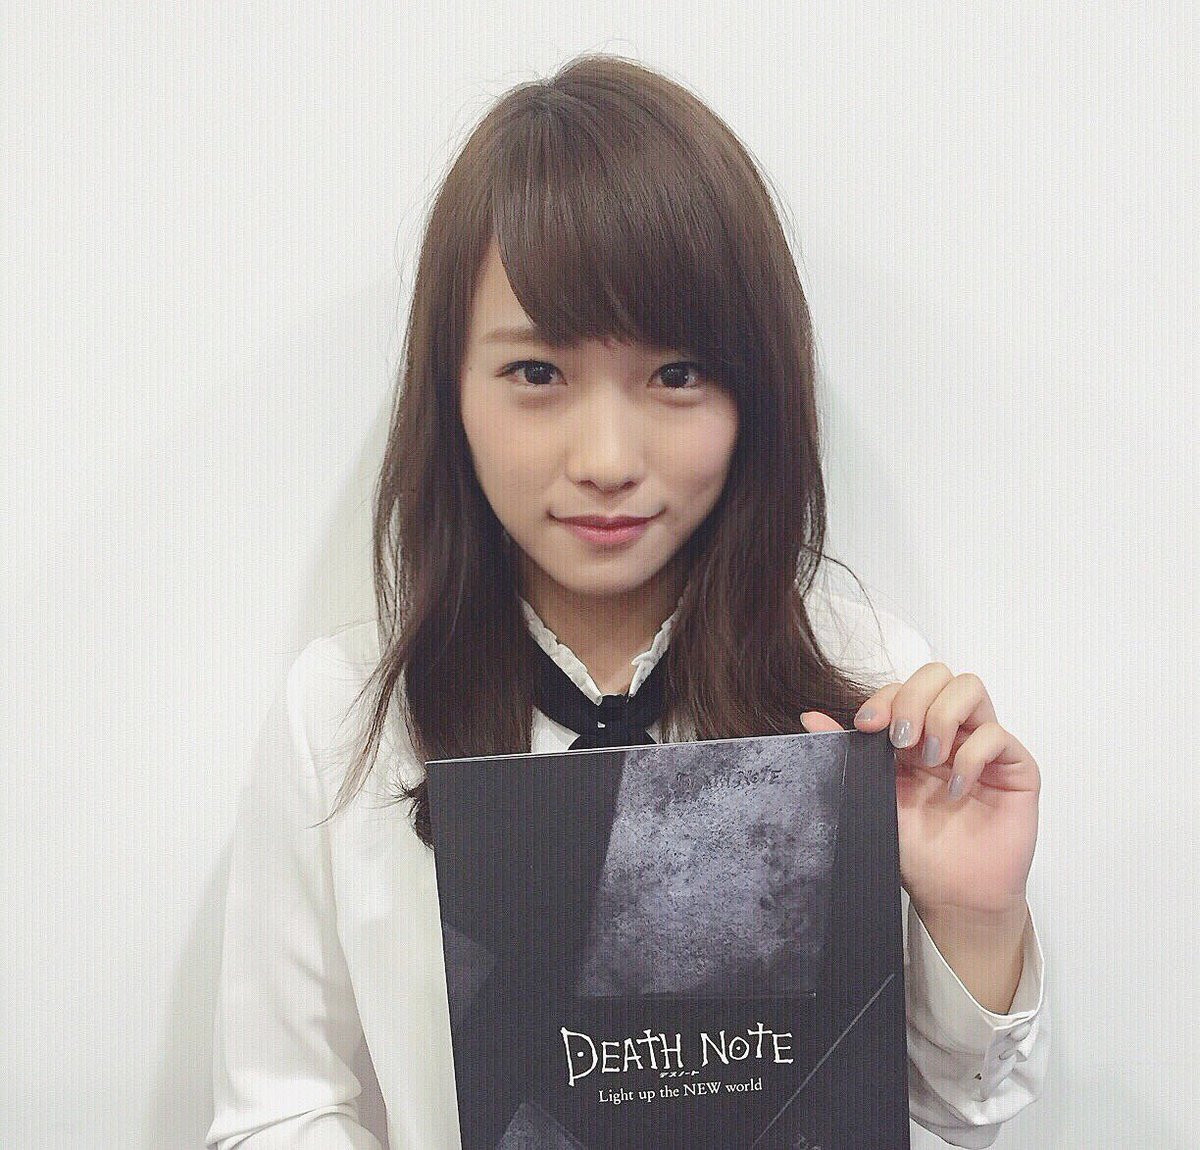 めちゃイケ出演メリット無し!元AKB48・川栄李奈登場せずファン落胆